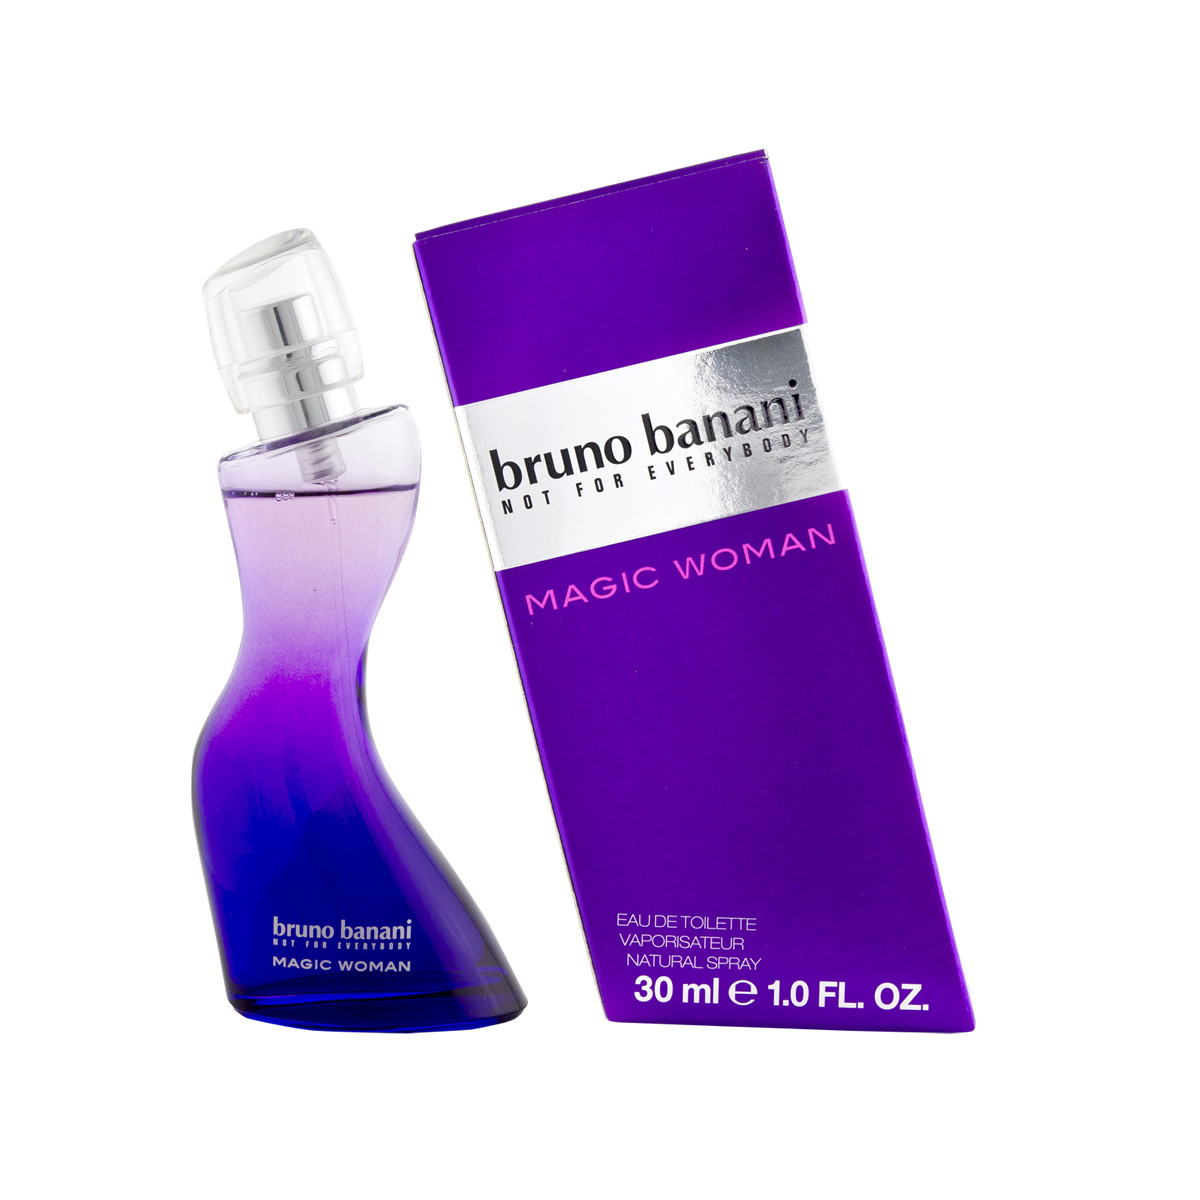 Bruno Banani Magic Woman Eau De Toilette 30 ml (woman)